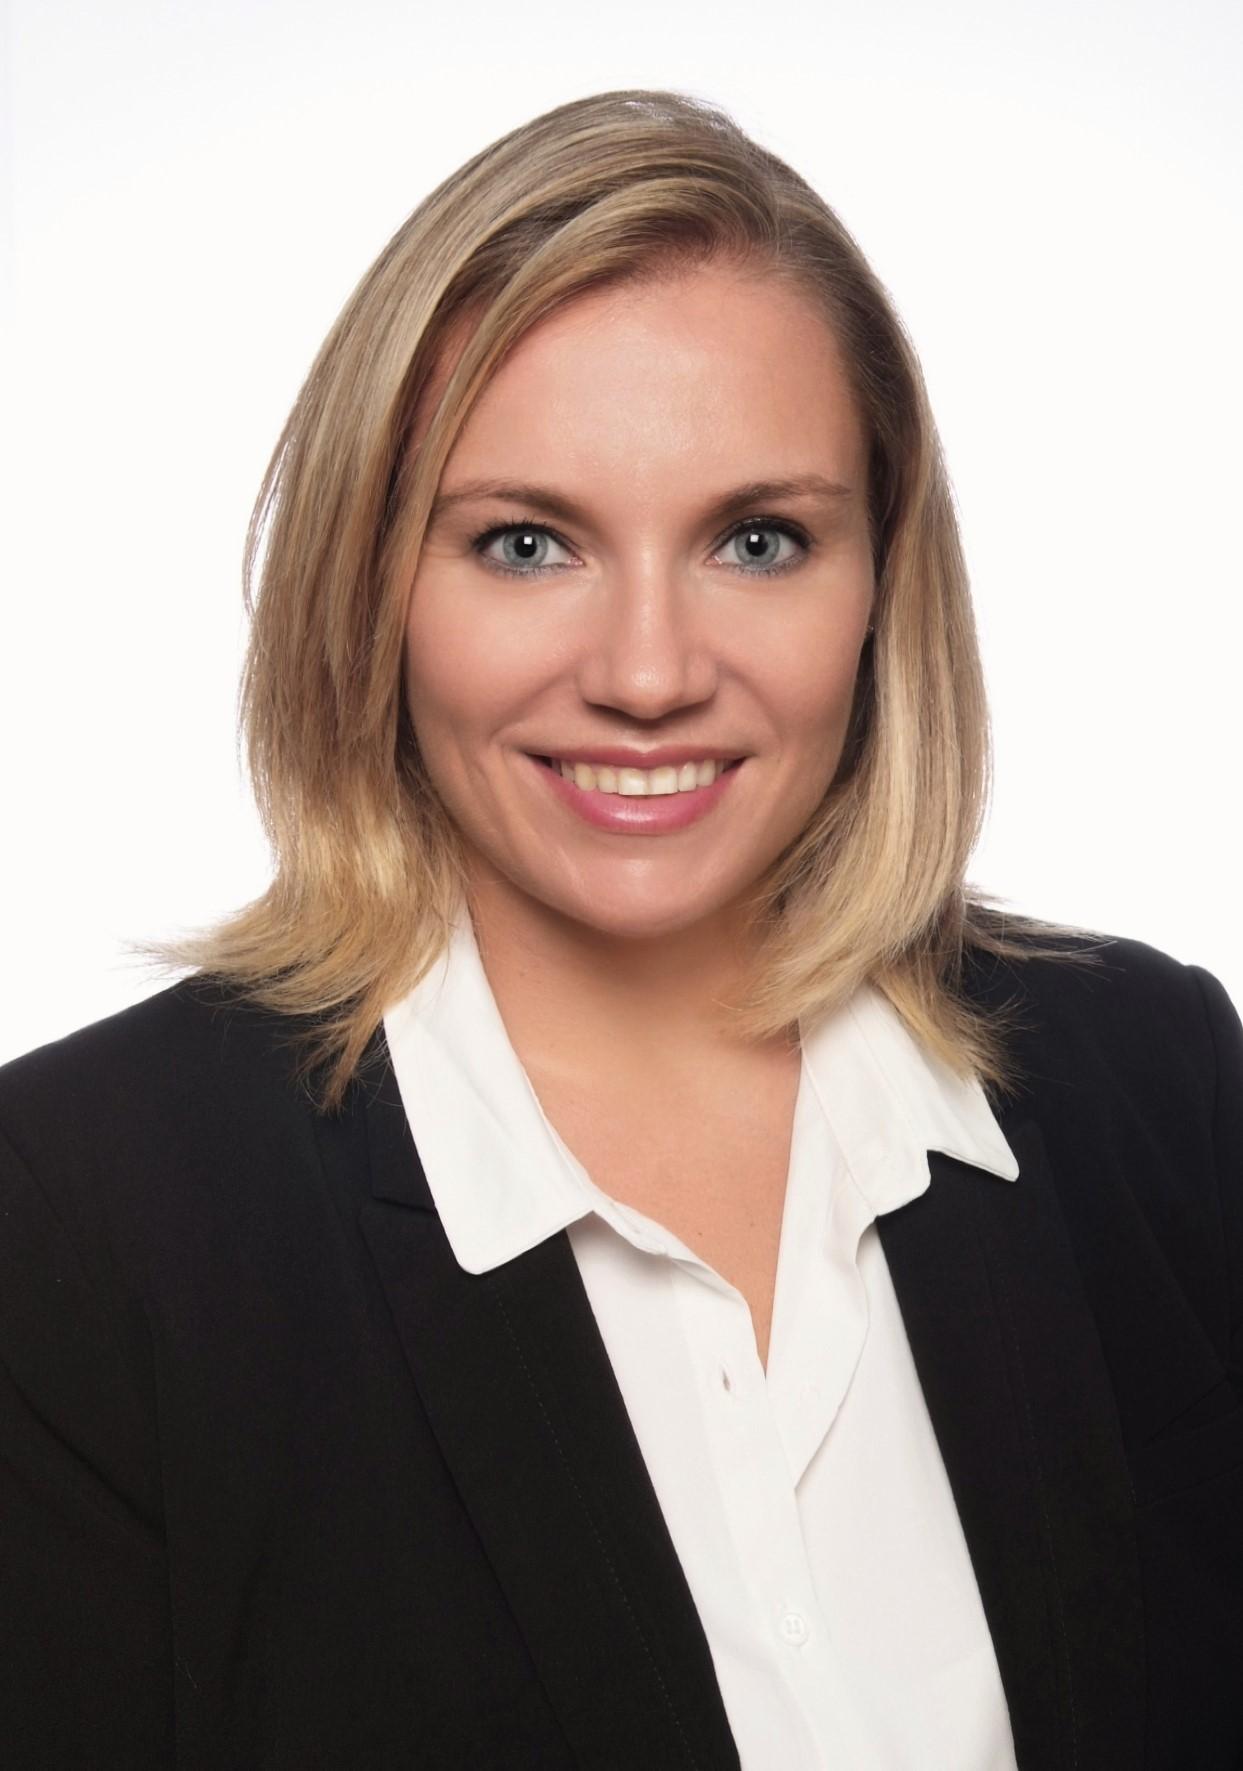 Nathalie van Kerckhoven